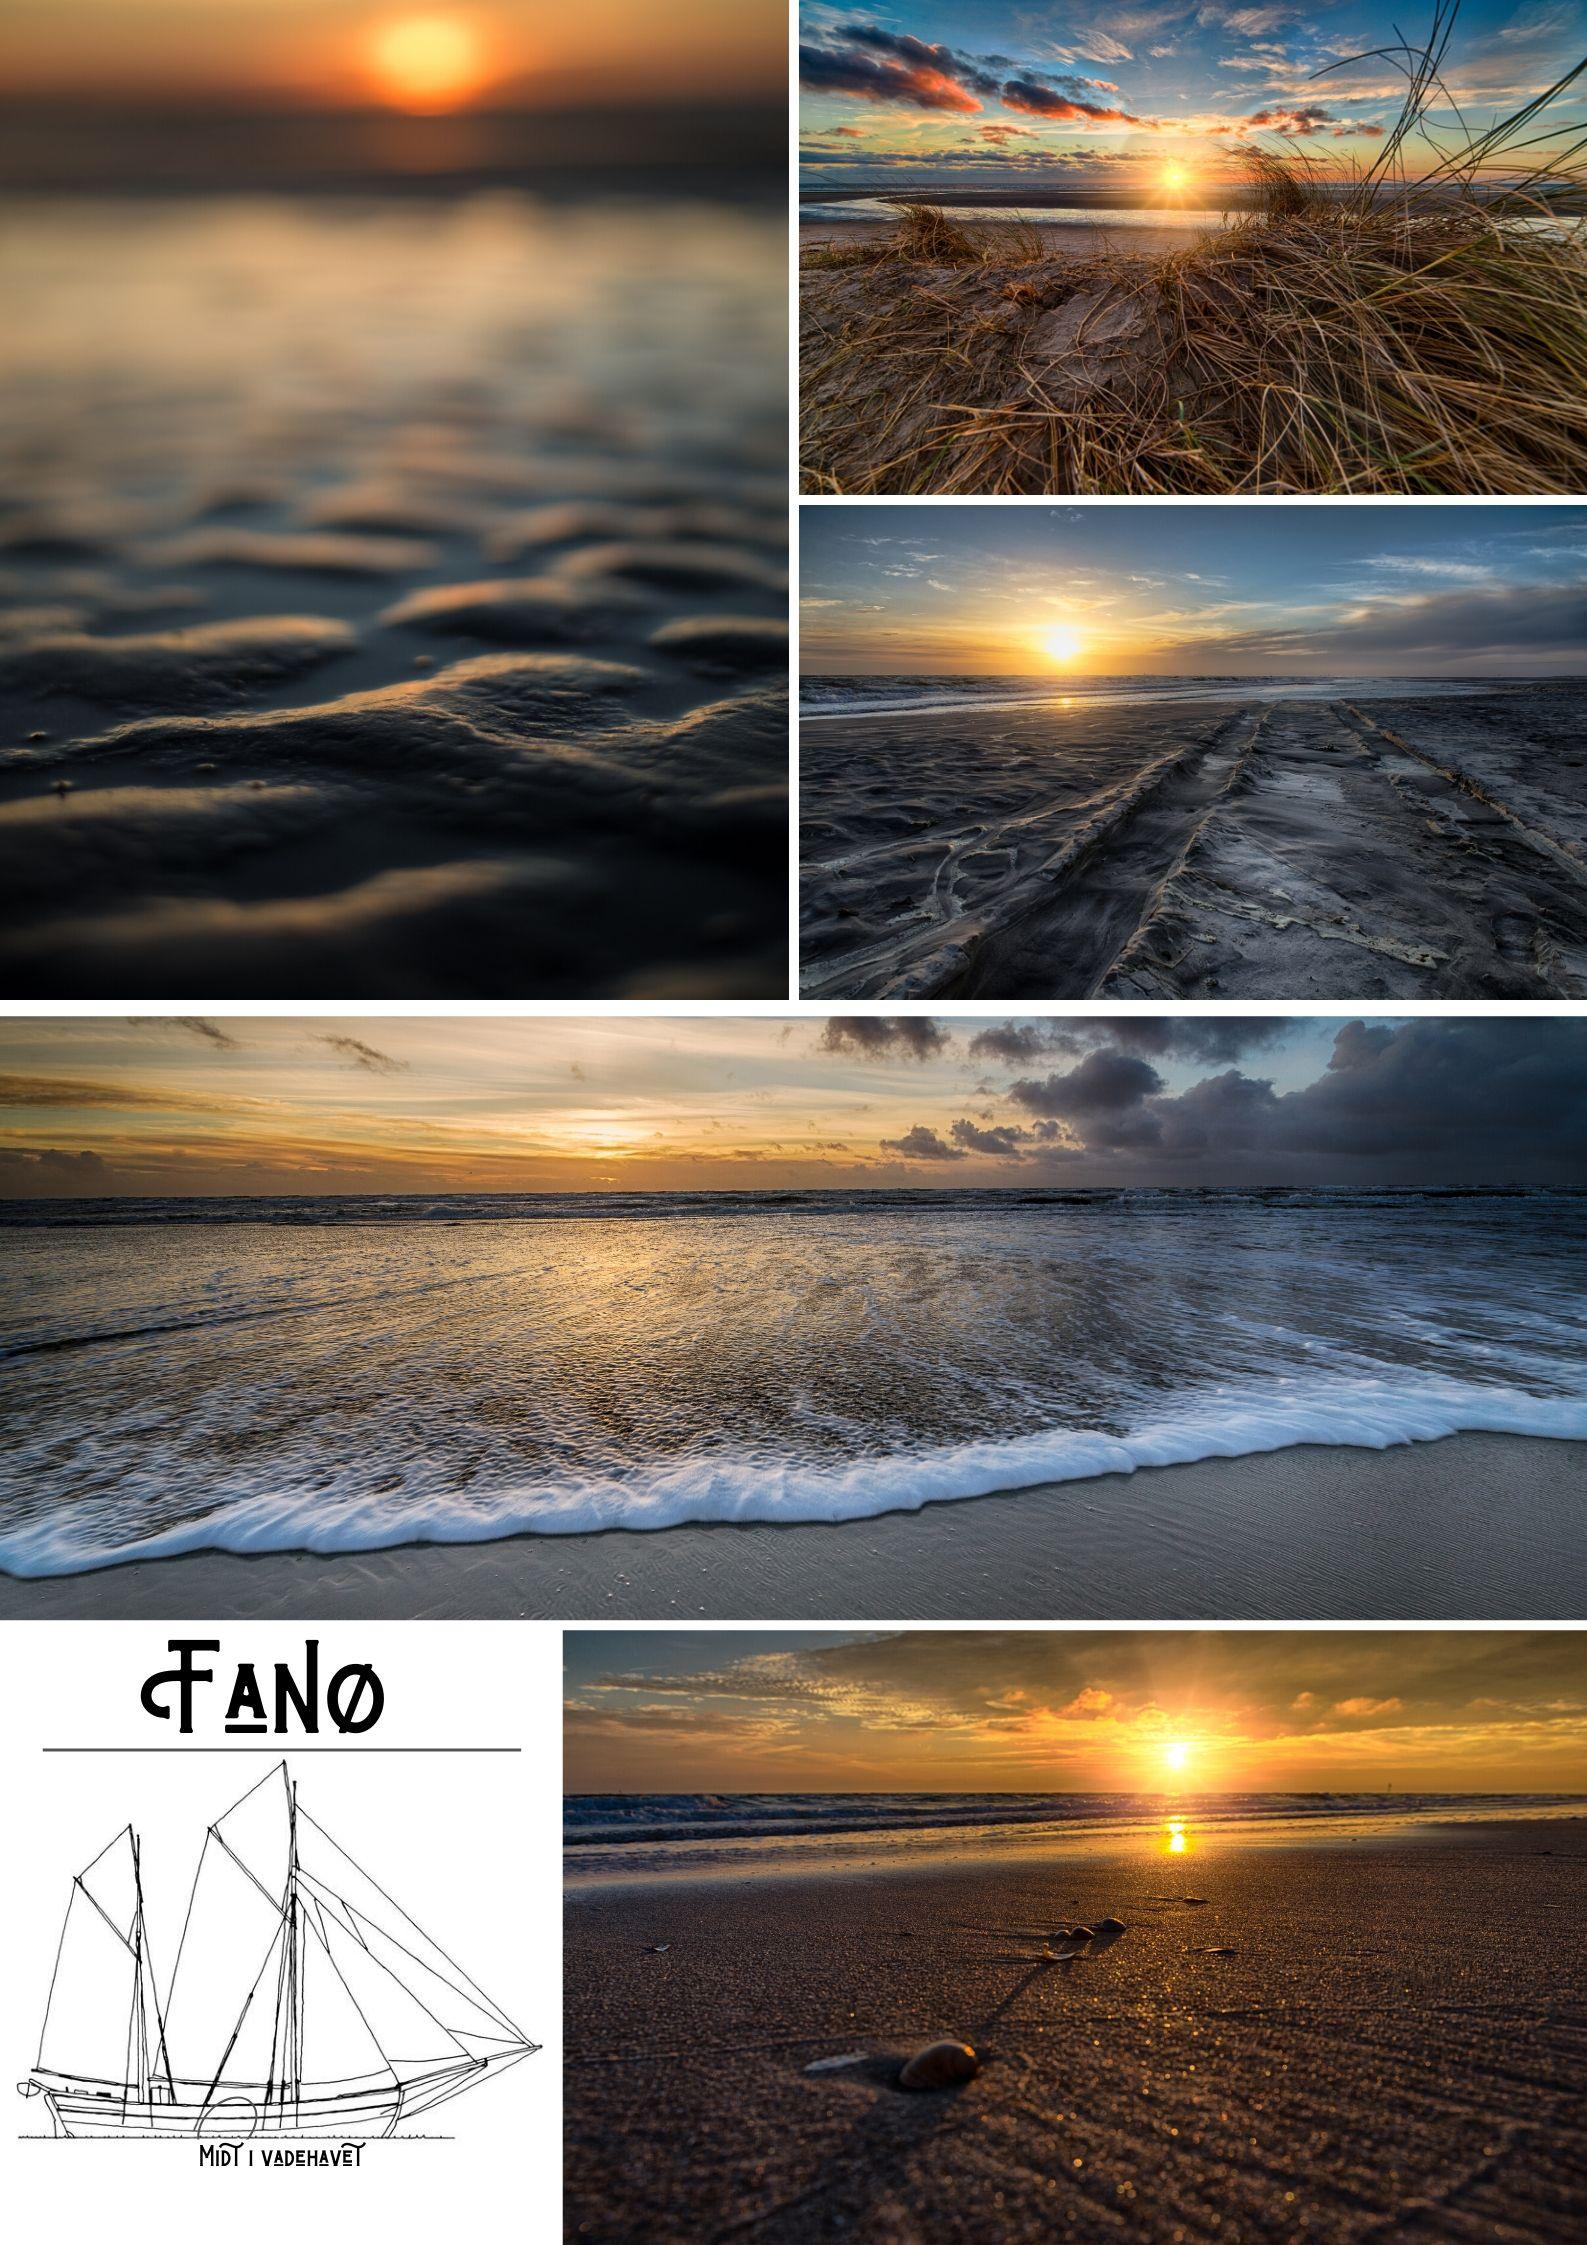 Fanø Plakat - Fanø bad